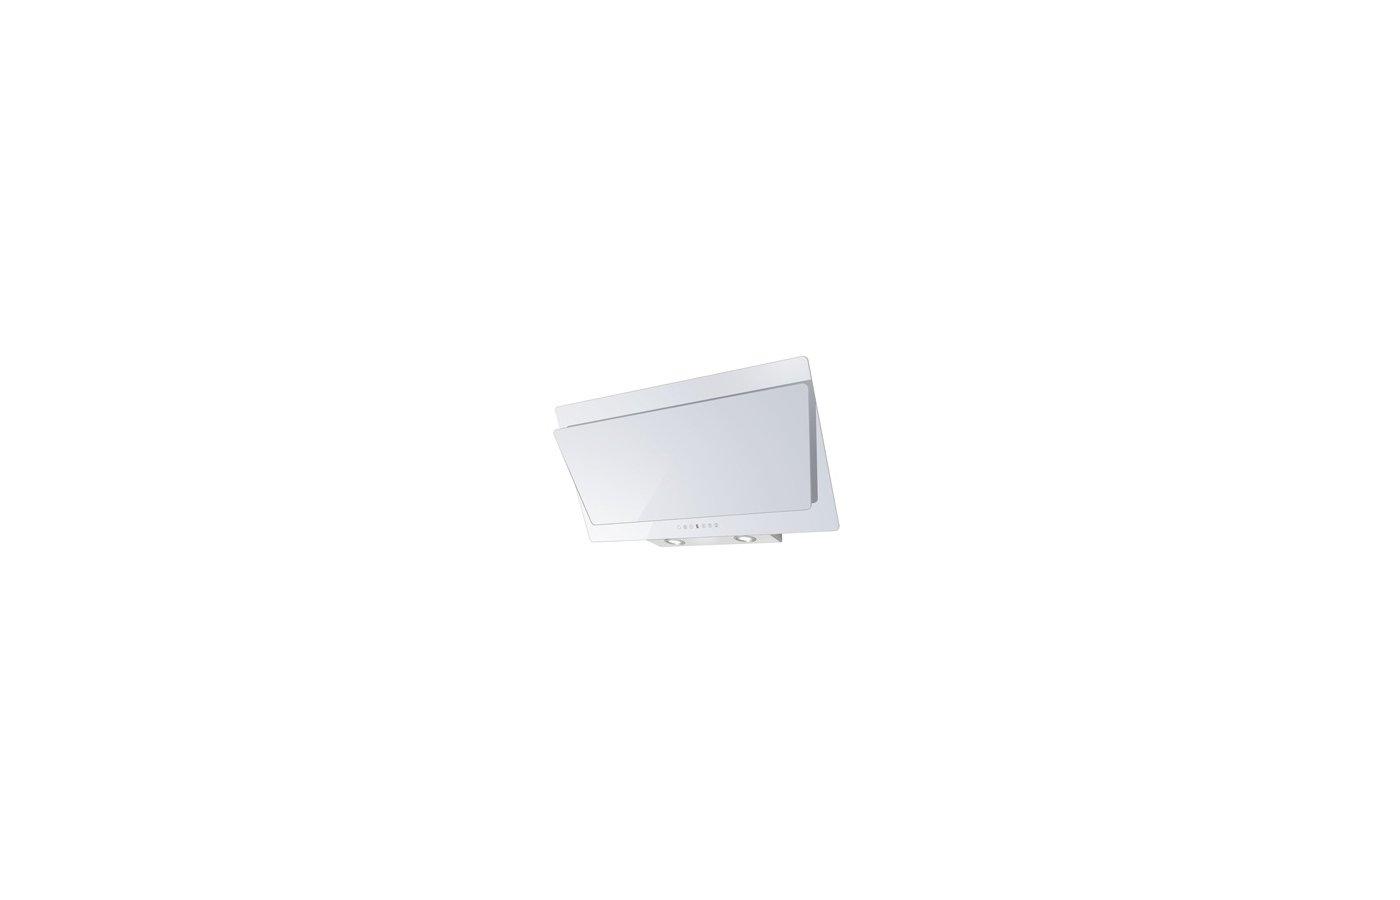 Вытяжка KORTING KHC 97070 GW